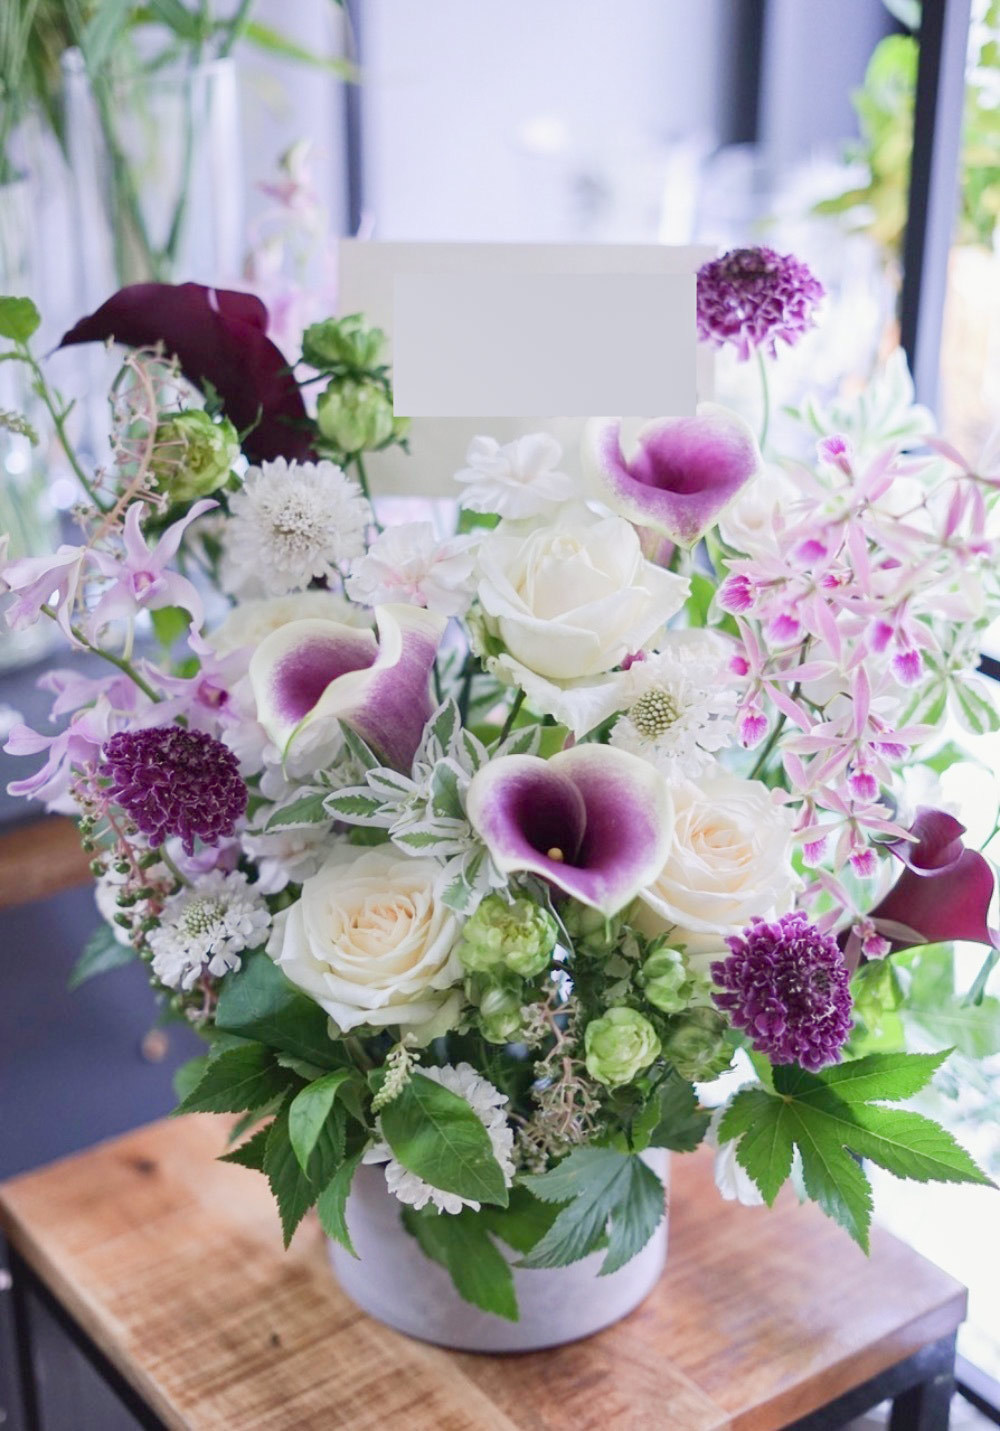 「ケーキ屋さんの開店祝いに」白と紫のコントラストが美しい開店祝い花